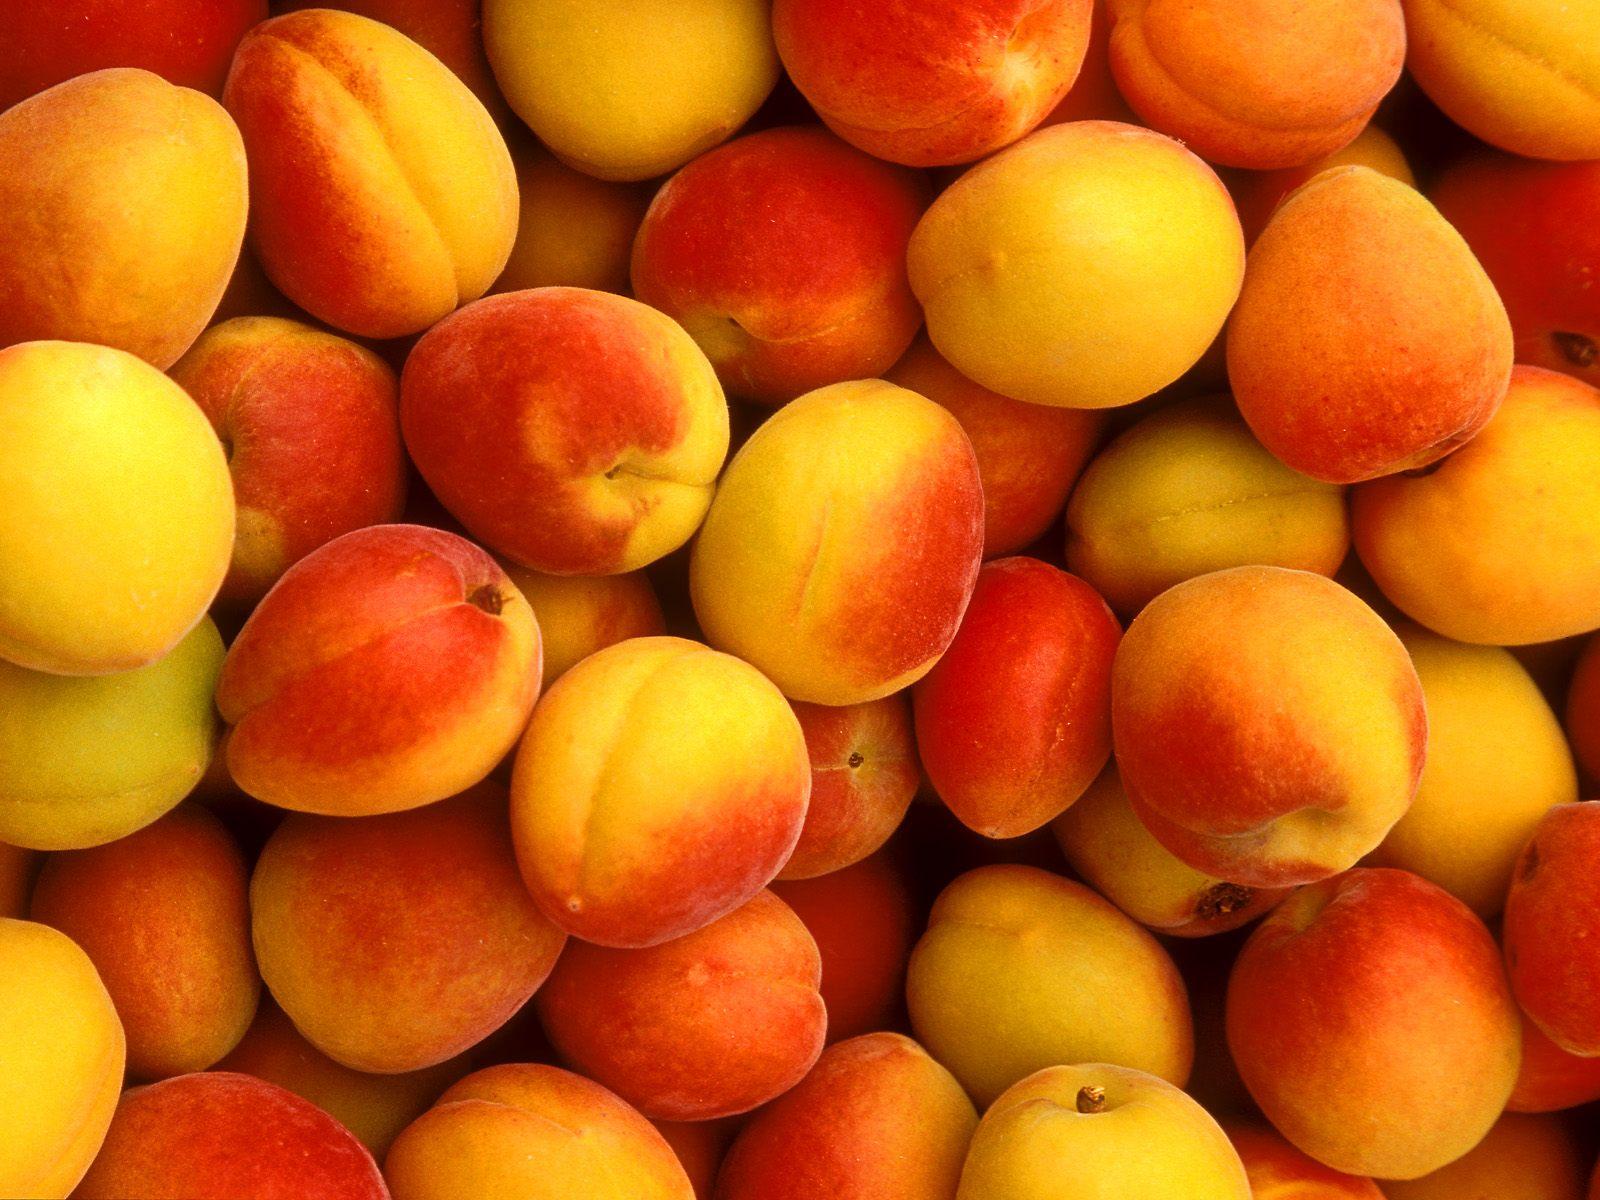 Россельхознадзор не пропустил более 20 тонн фруктов из Казахстана, Россельхознадзор, фрукты, Ввоз